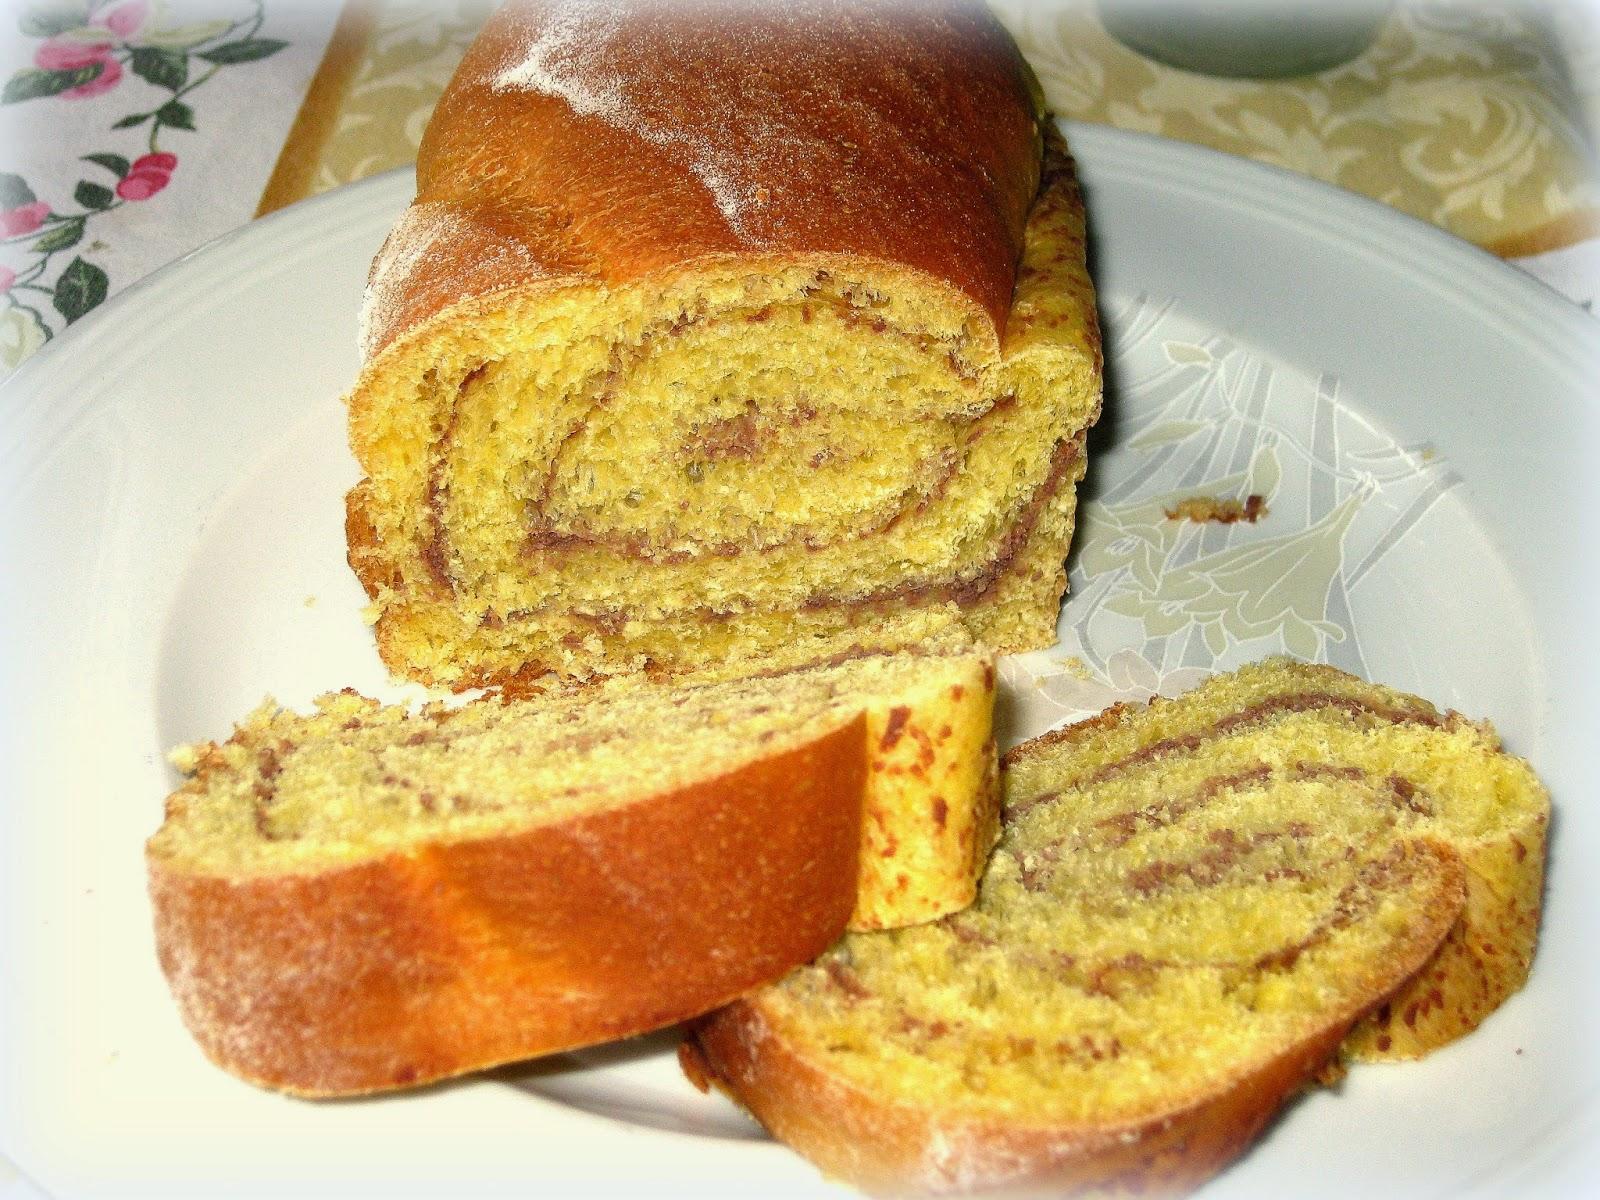 pane aromatizzato al cioccolato